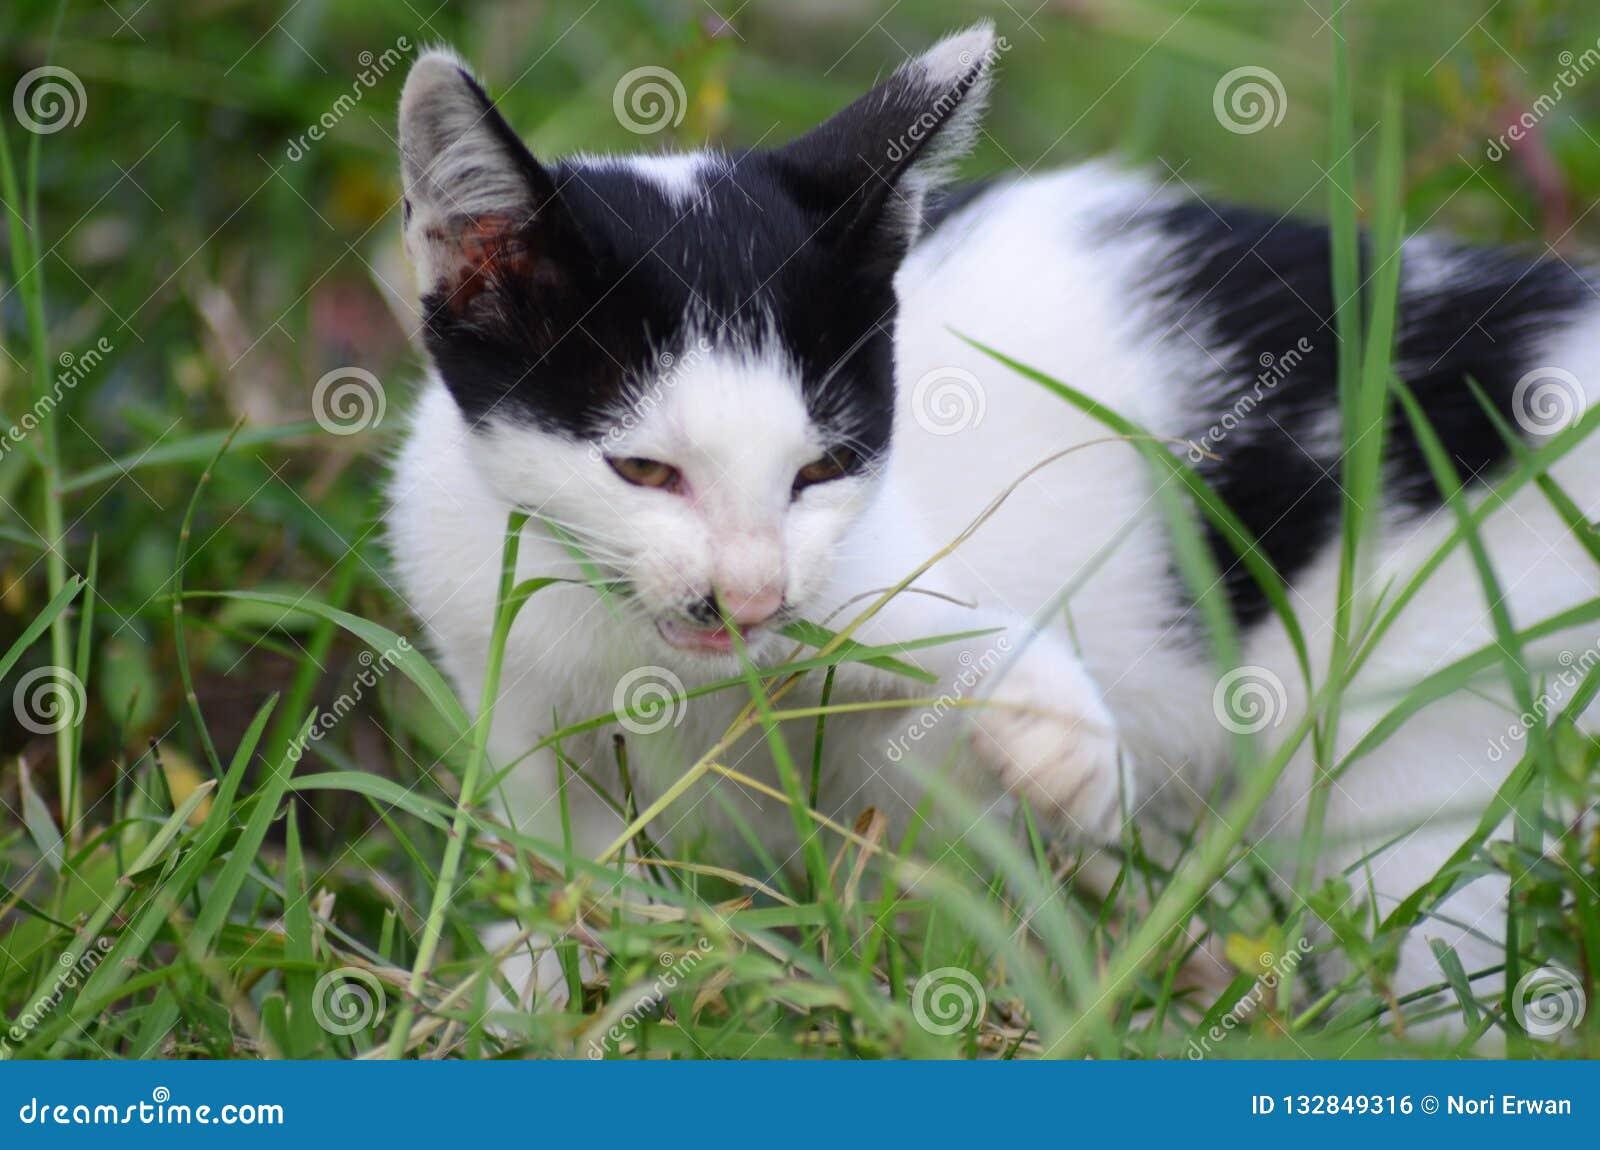 Som synes gillar katter också att äta gräs